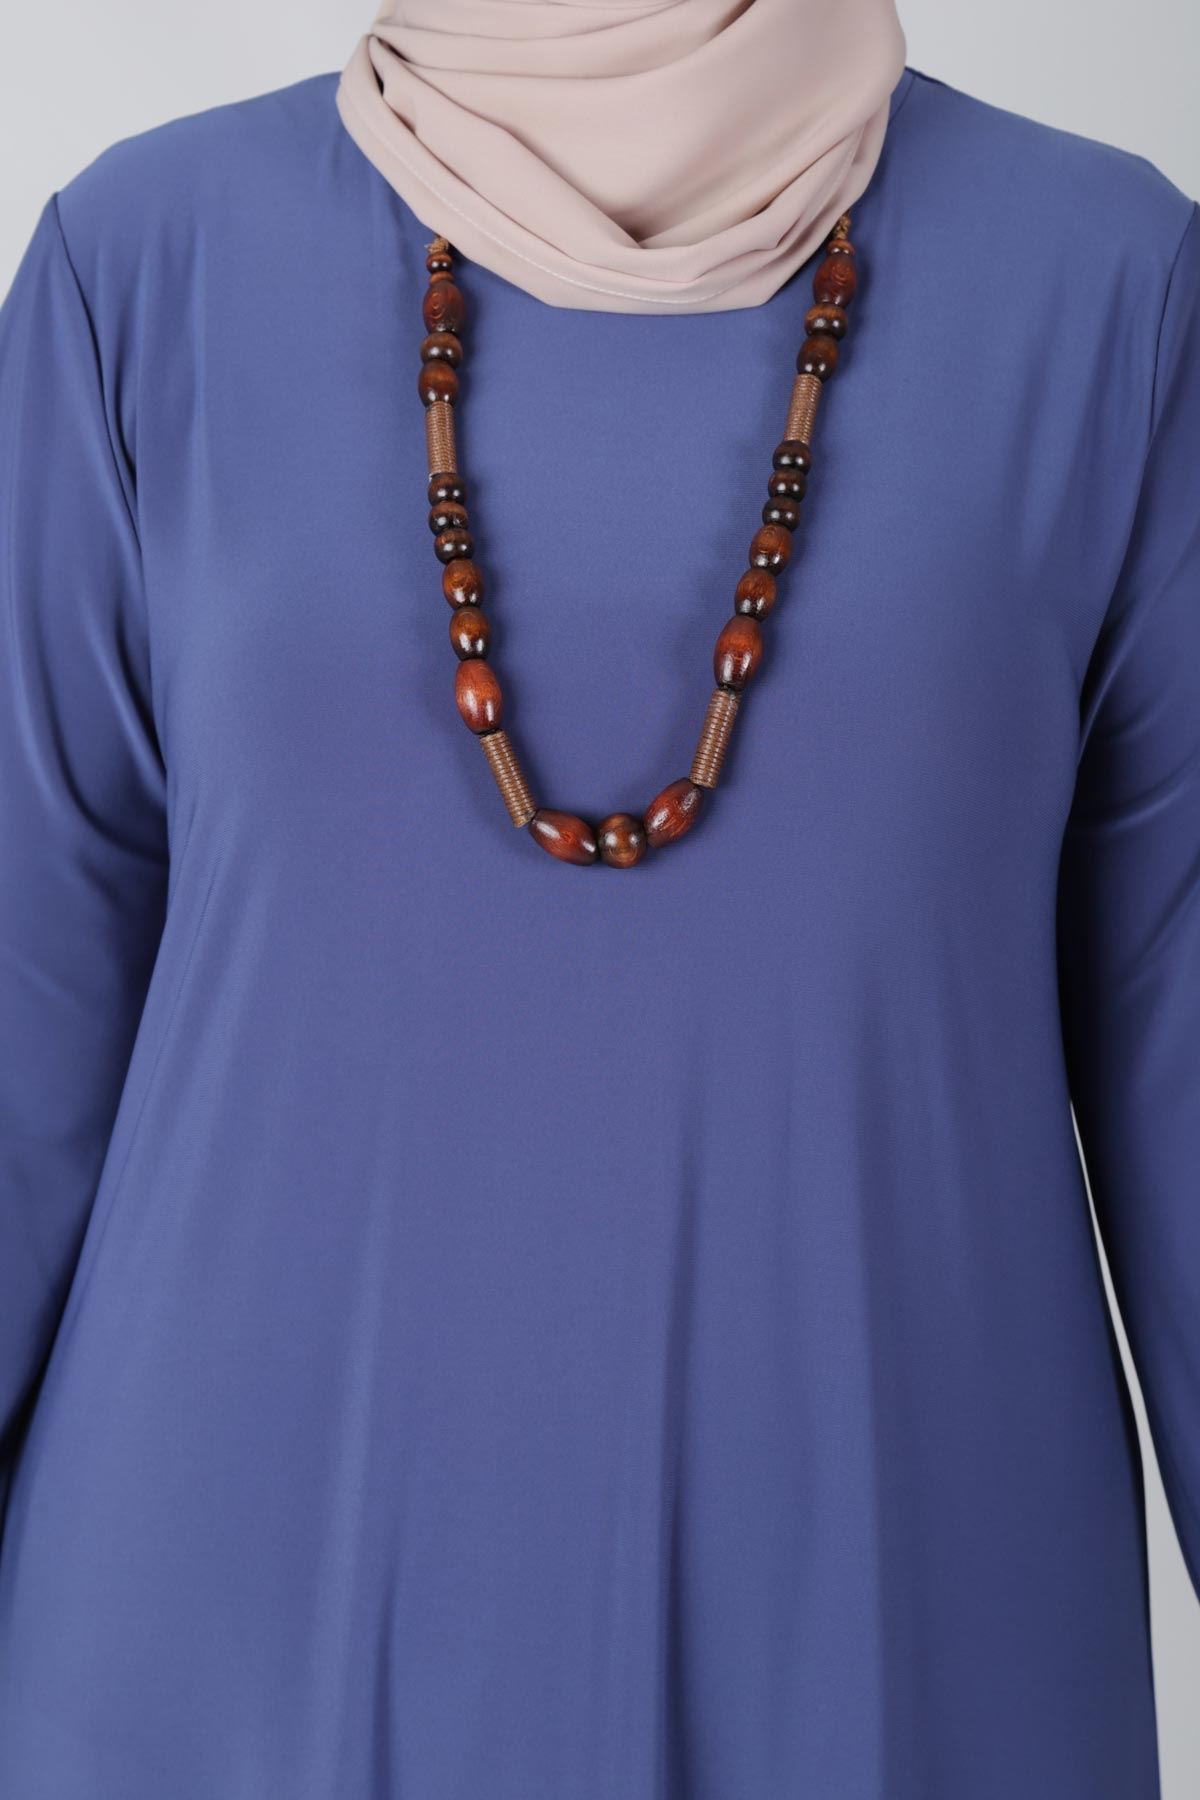 Büyük Beden Tesettür Elbise 75001 İndigo